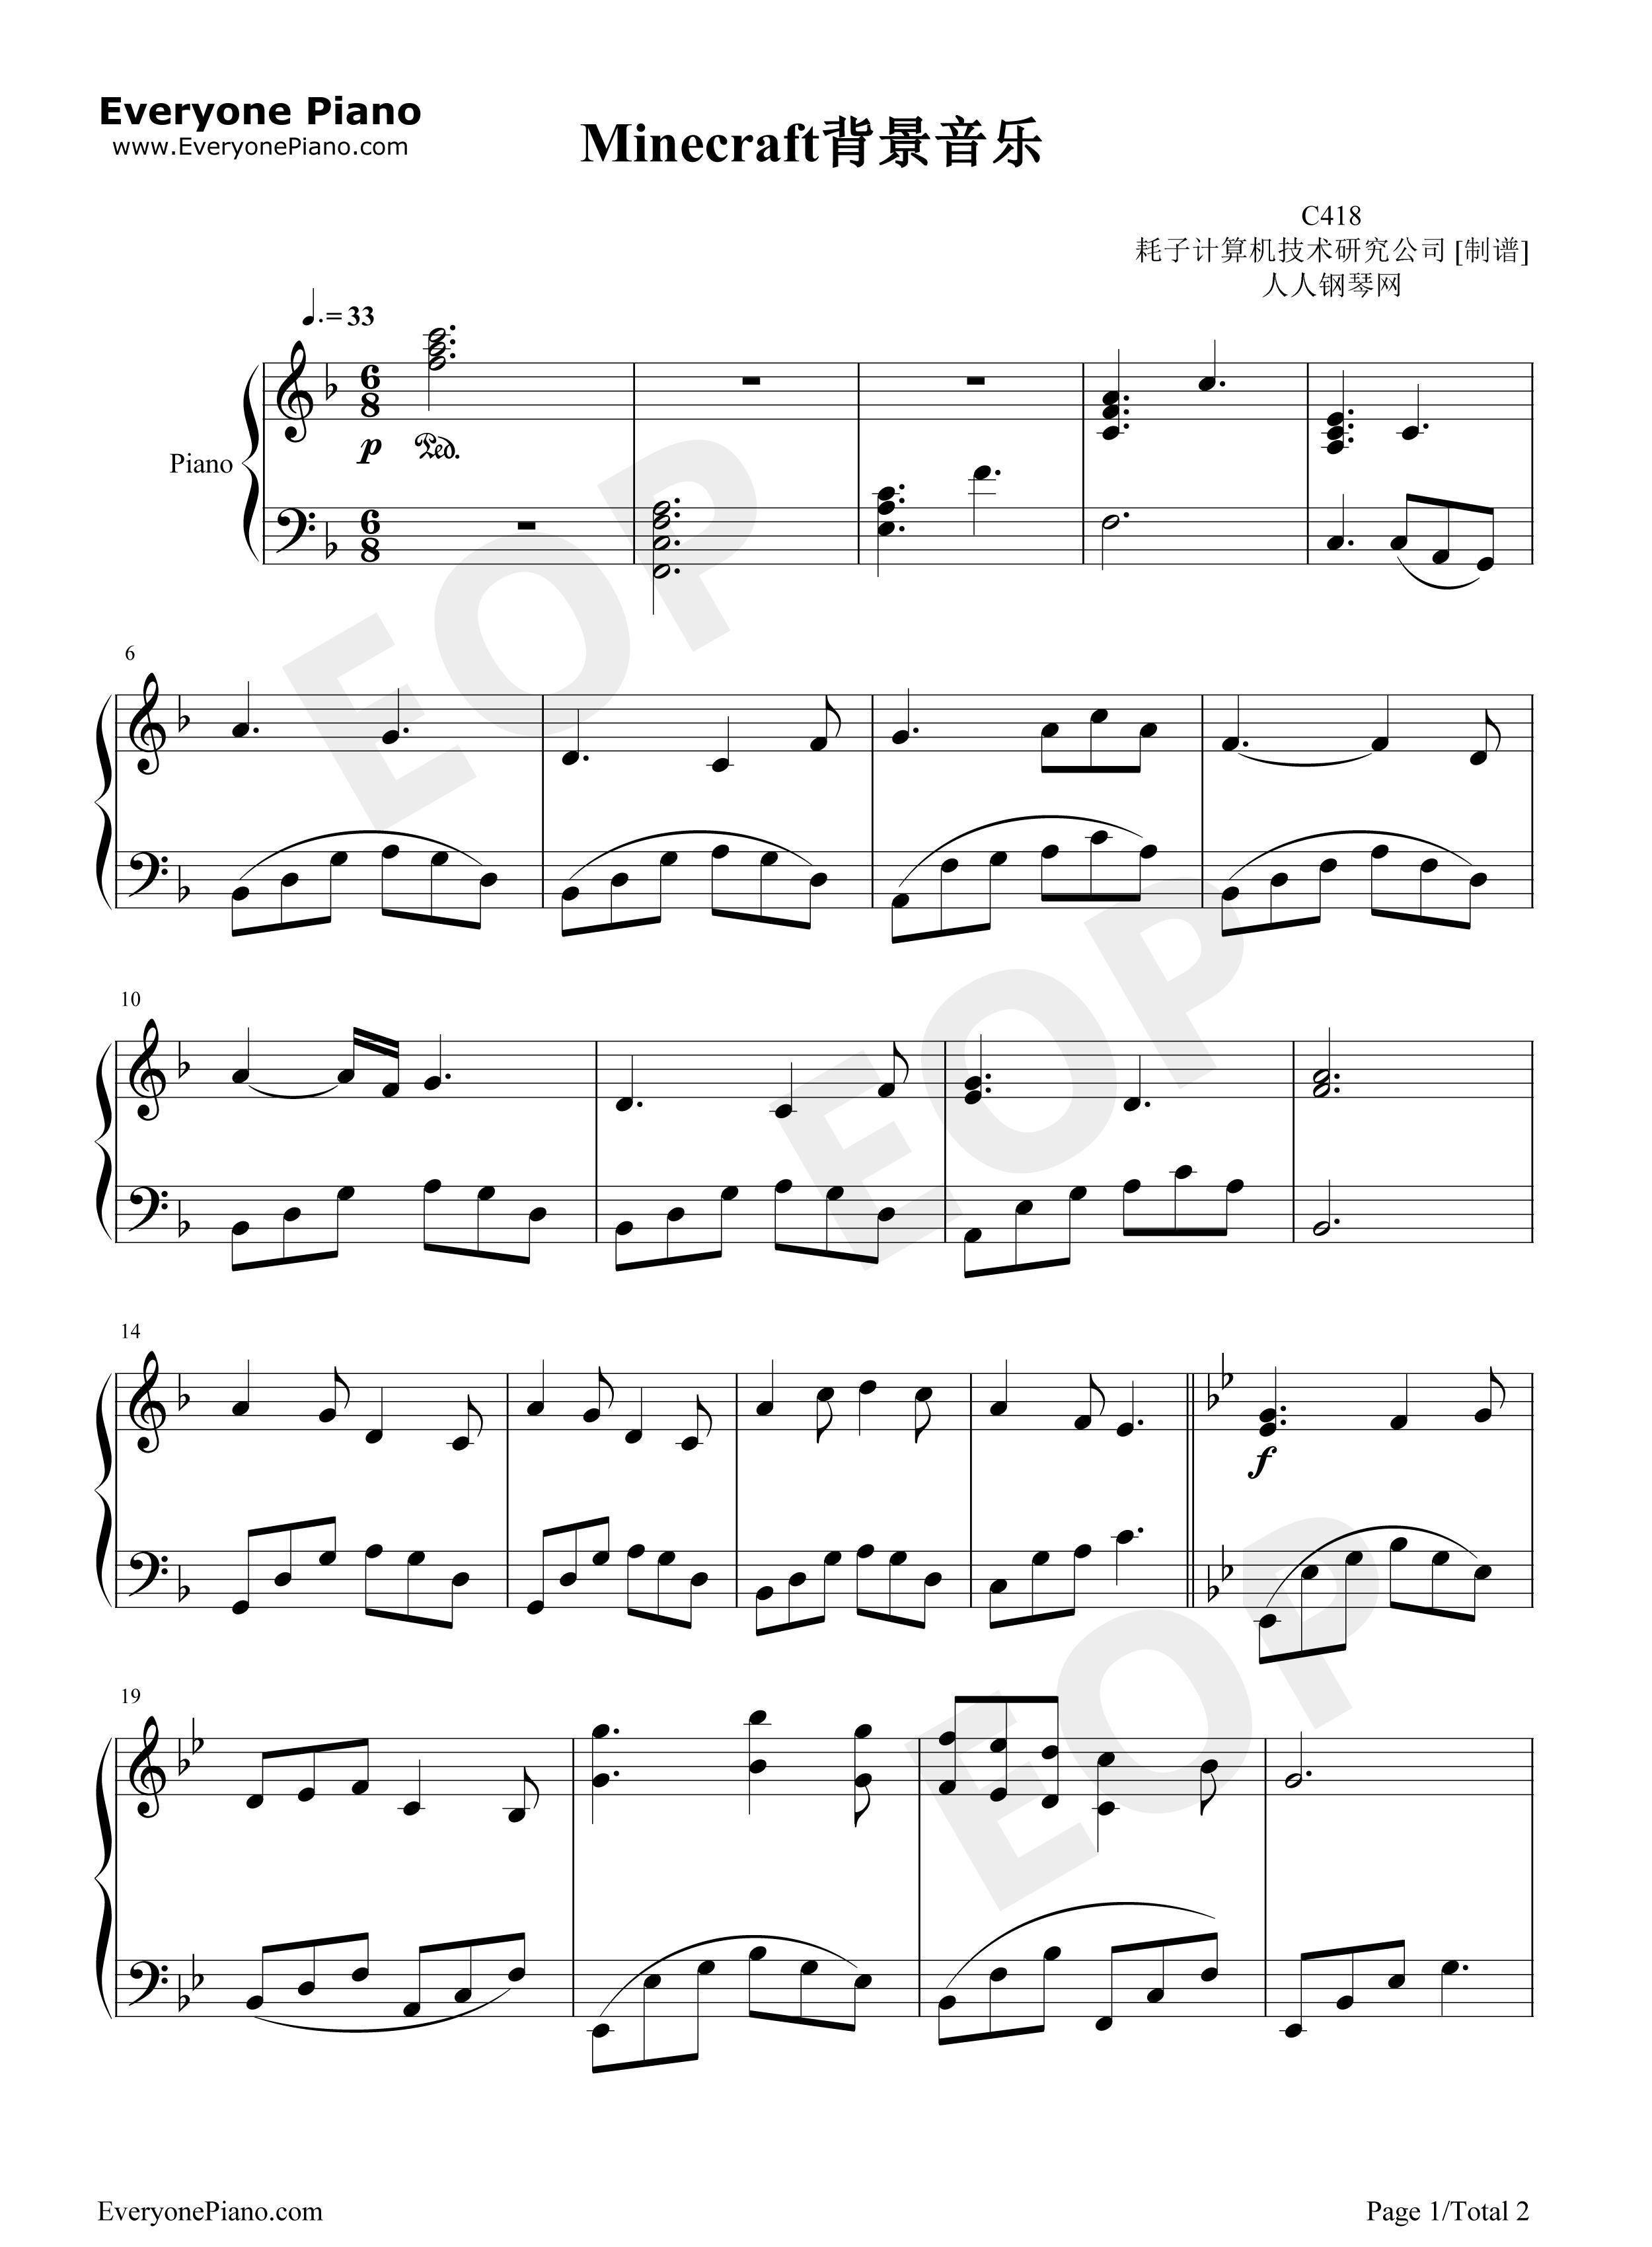 Minecraft Background Music Stave